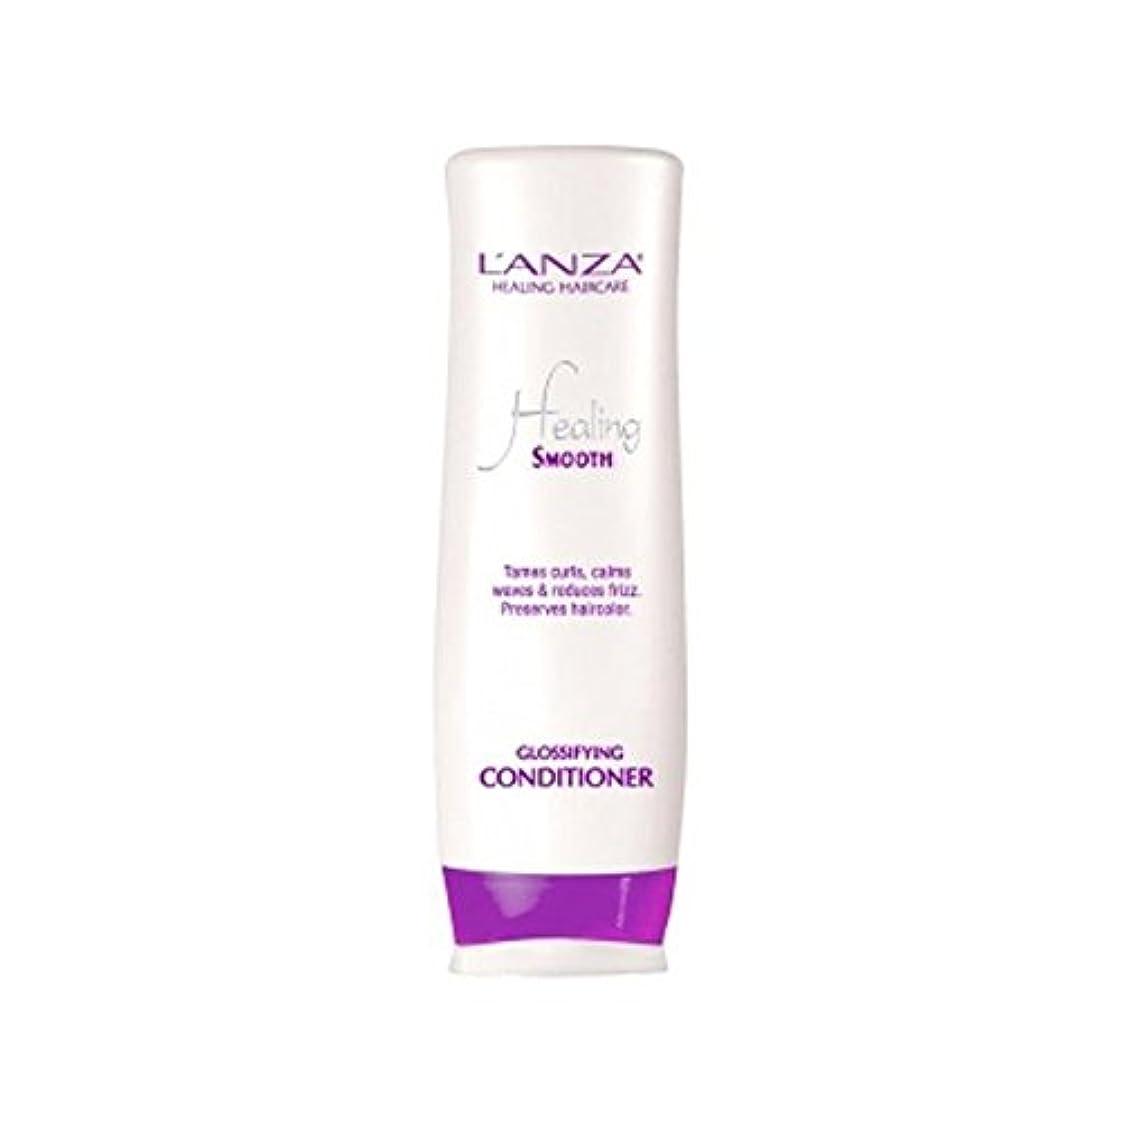 上昇落胆する禁じるスムーズなコンディショナーを癒し'アンザ(250ミリリットル) x4 - L'Anza Healing Smooth Glossifying Conditioner (250ml) (Pack of 4) [並行輸入品]